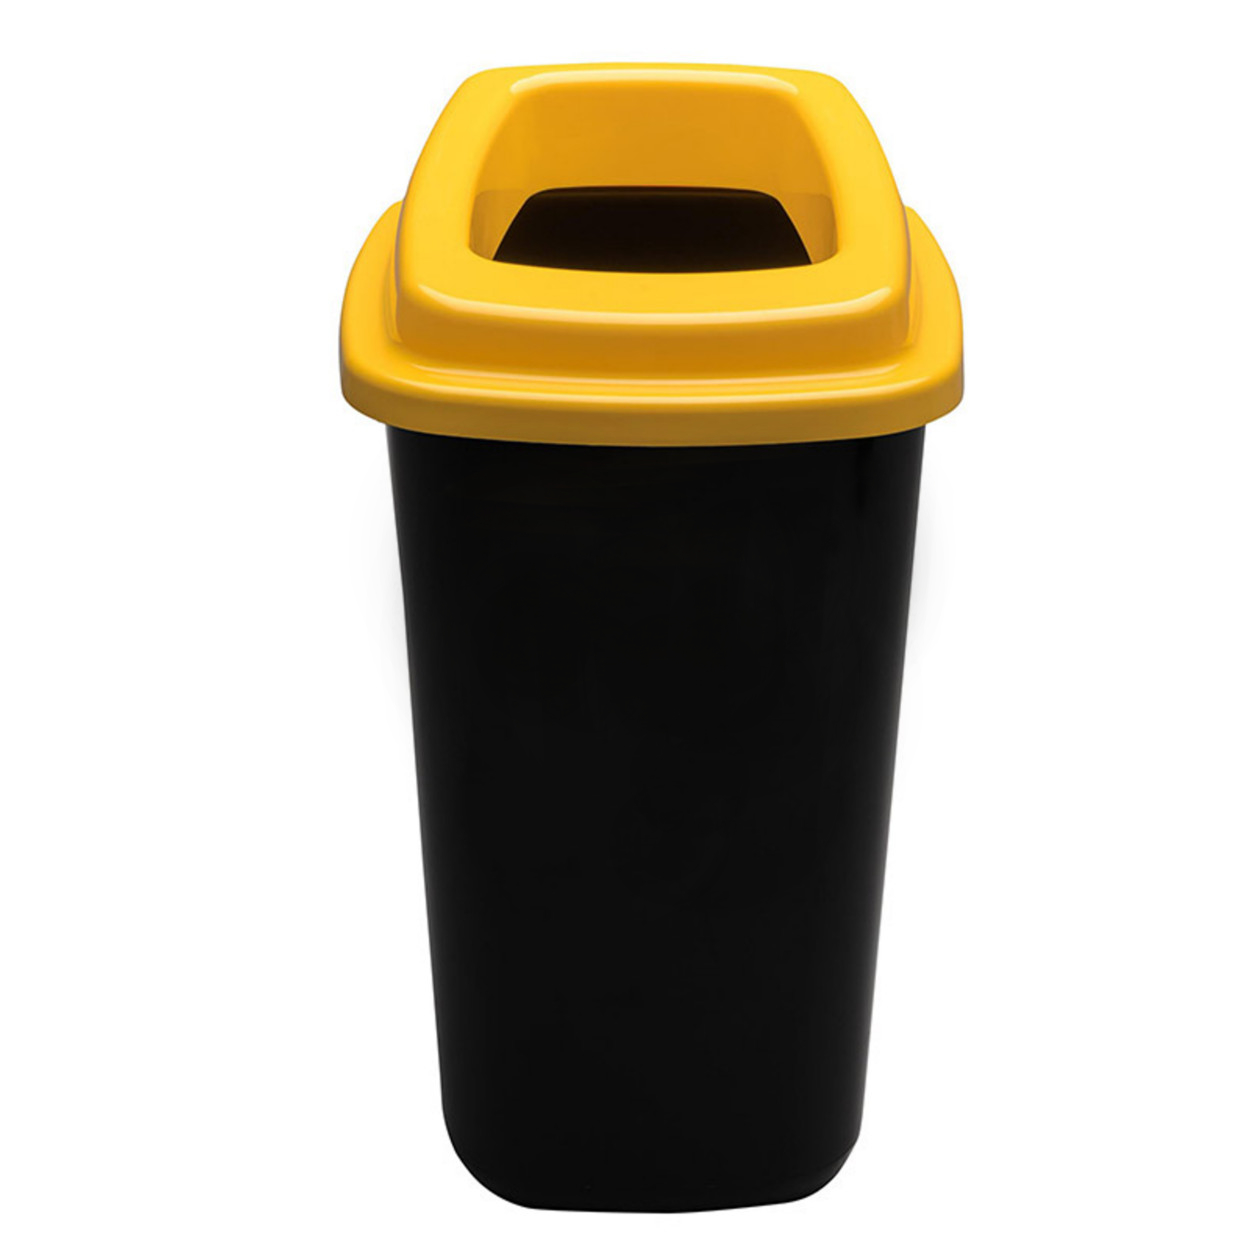 Plastový koš na tříděný odpad, 90 l, žlutá